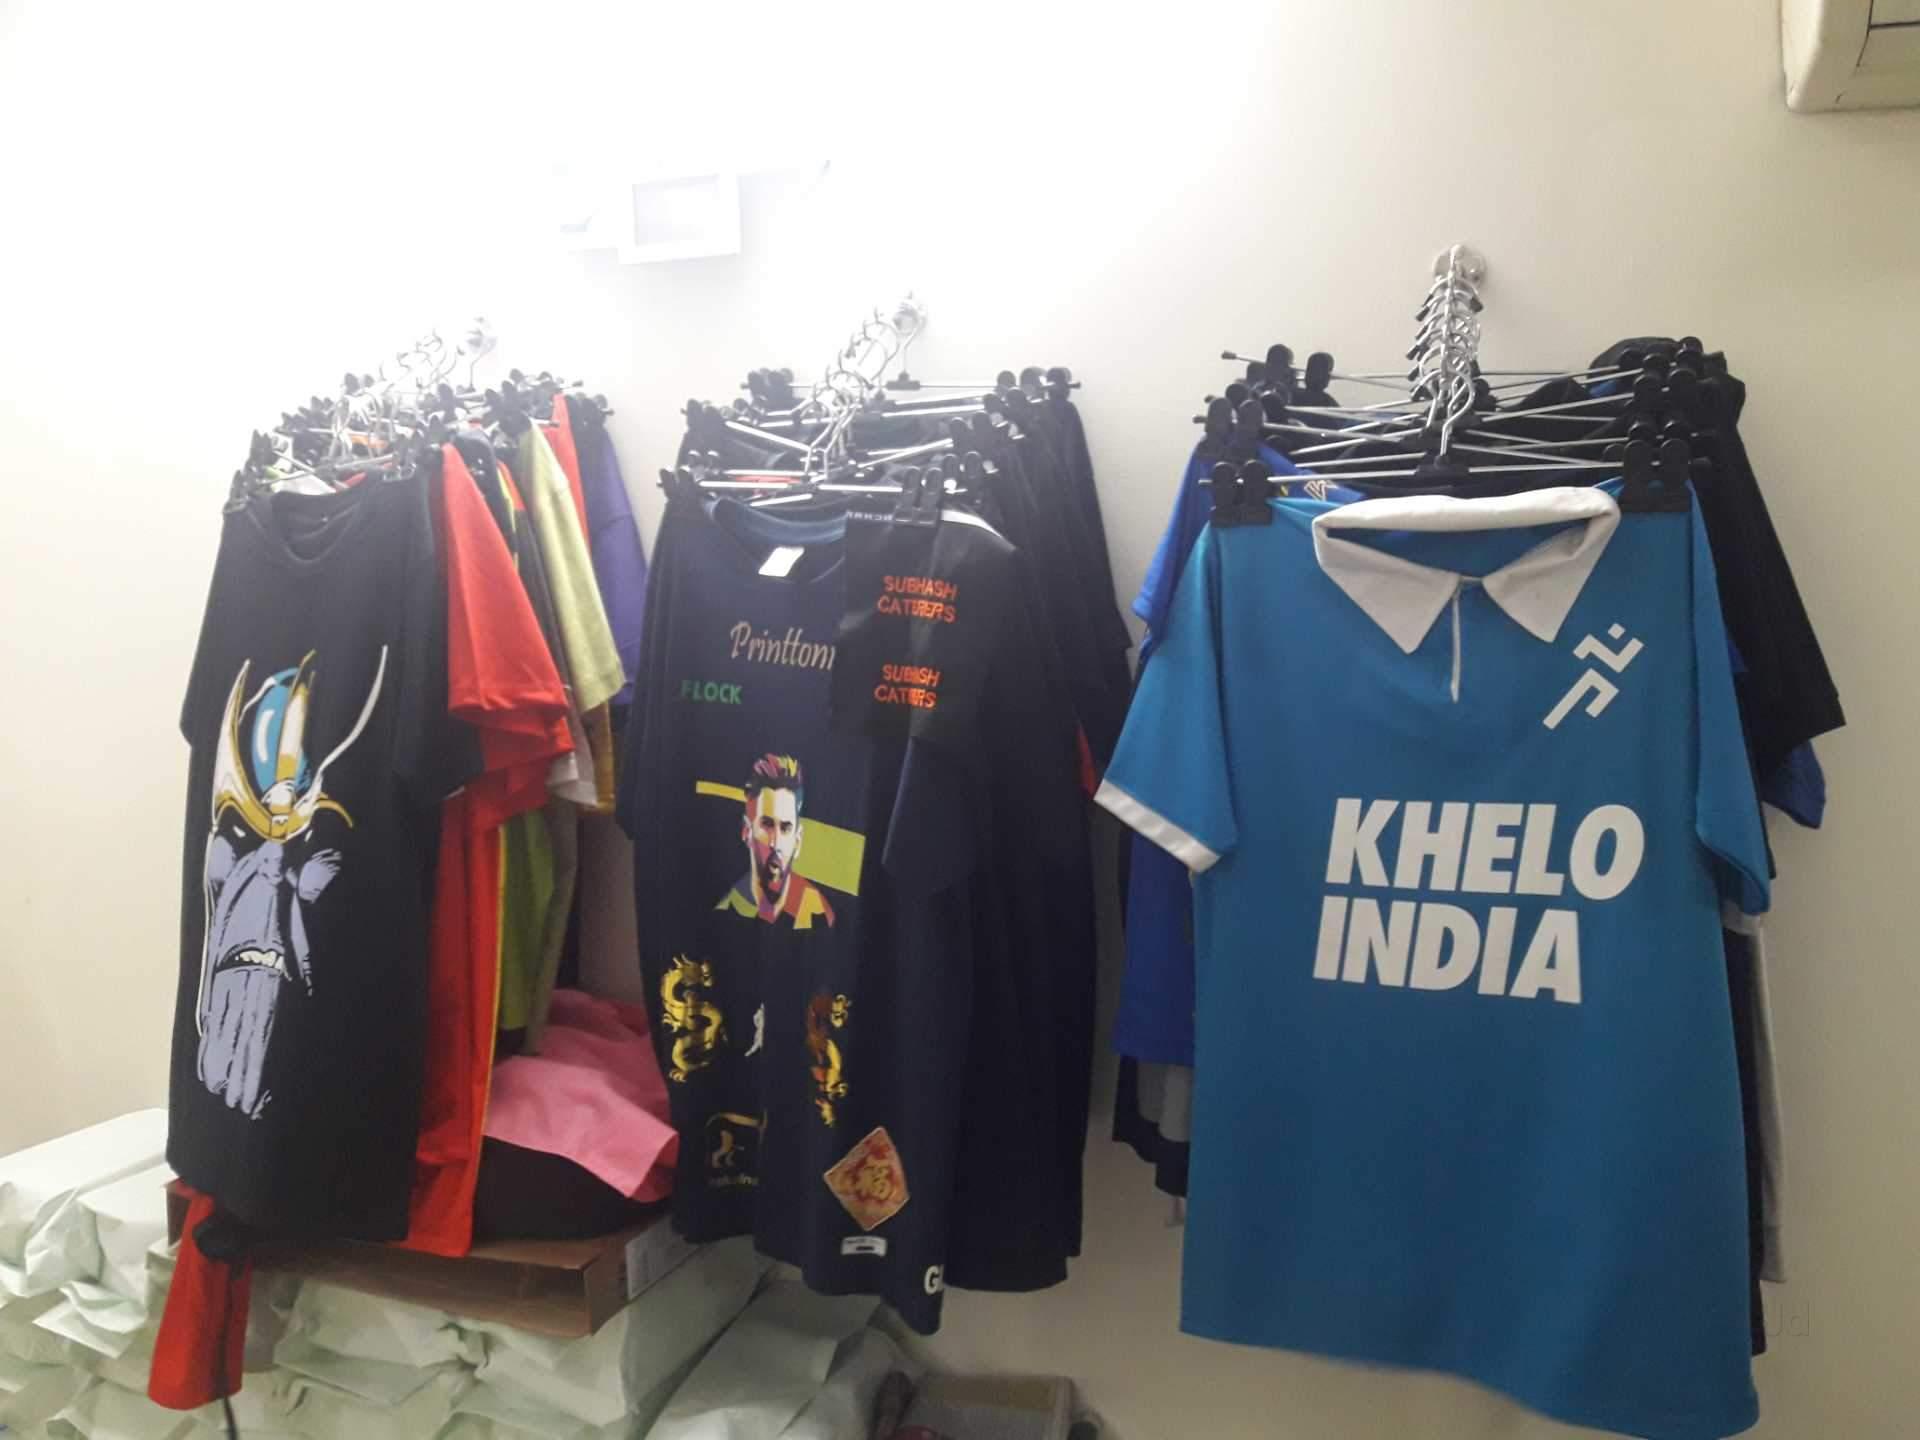 Top 100 T Shirt Printers in Bandra West, Mumbai - Best Custom T